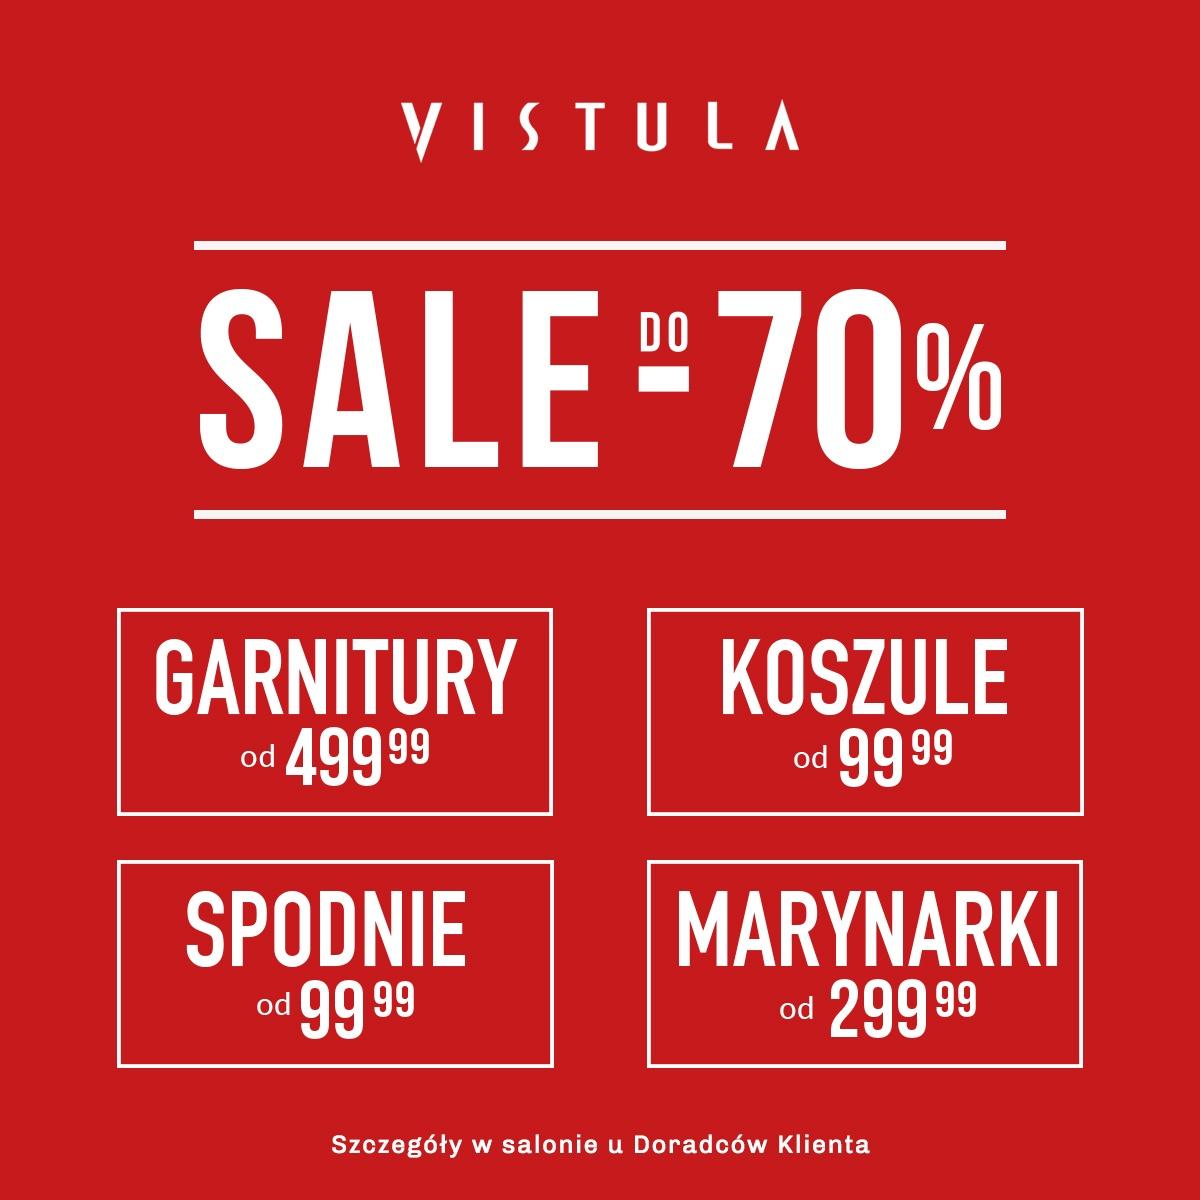 SUPER CENY w salonie VISTULA! Sale do -70%